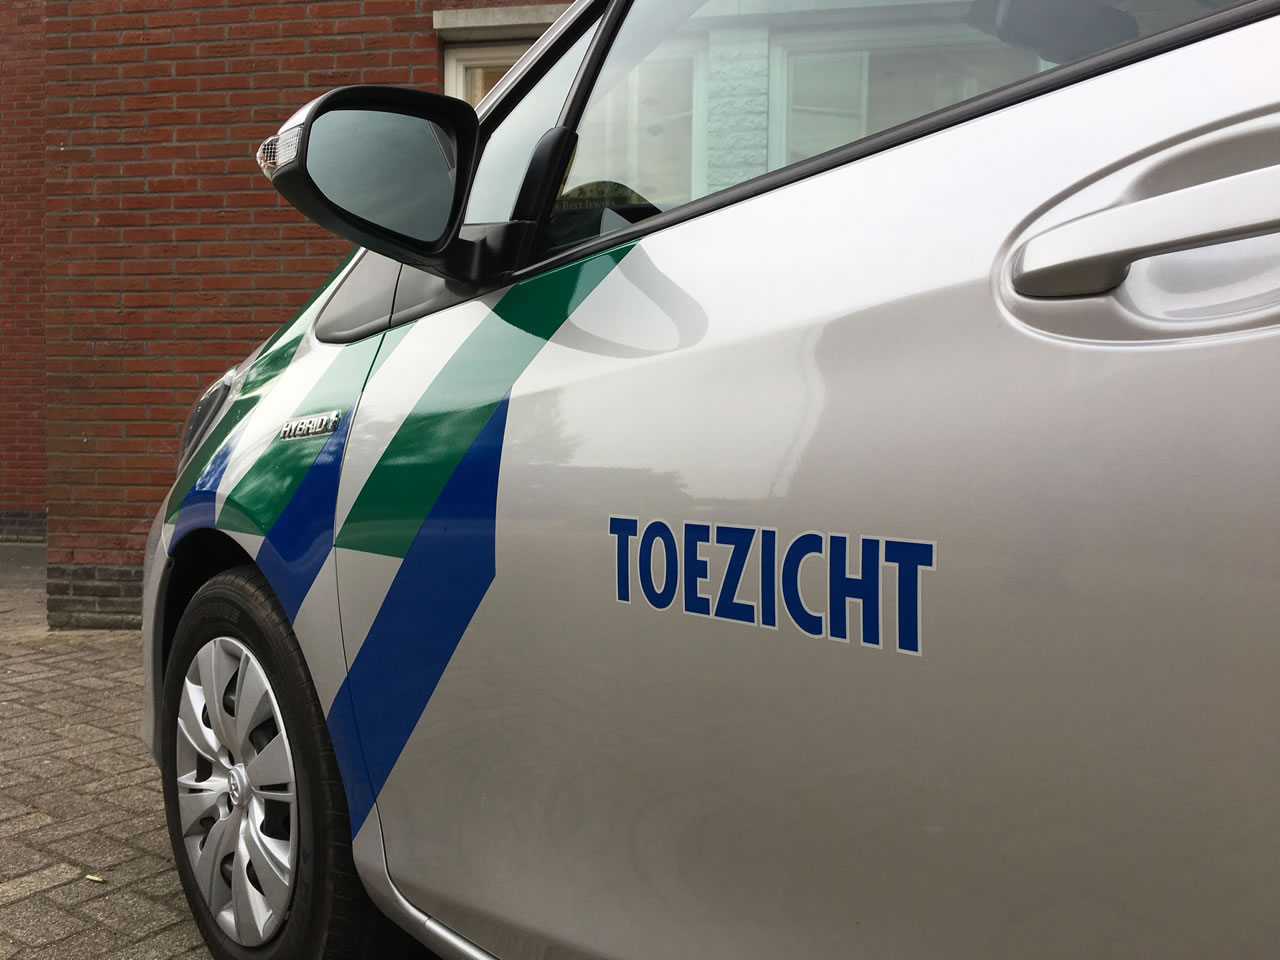 Gemeente Medemblik toezicht auto belettering